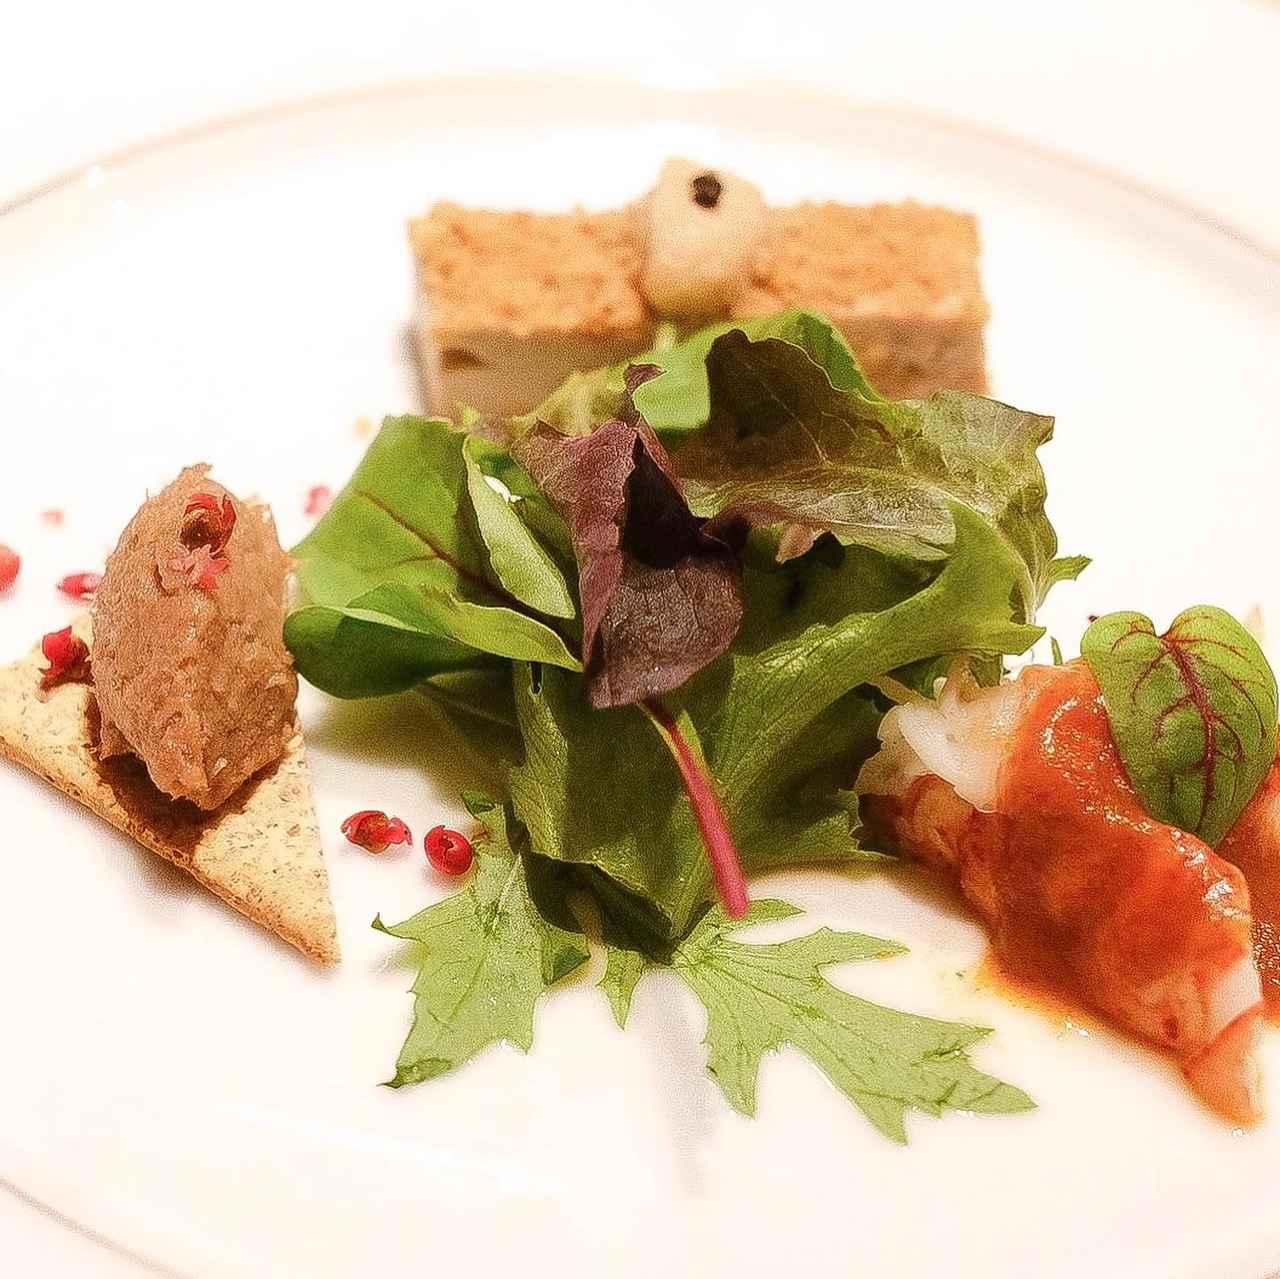 画像: -前菜3種盛り合わせ- A5黒毛和牛のリエット グリーンペッパーの香り オマールエビのポッシュ ジュ・ド・オマール フォアグラのガトー キャラメルオニオンソース